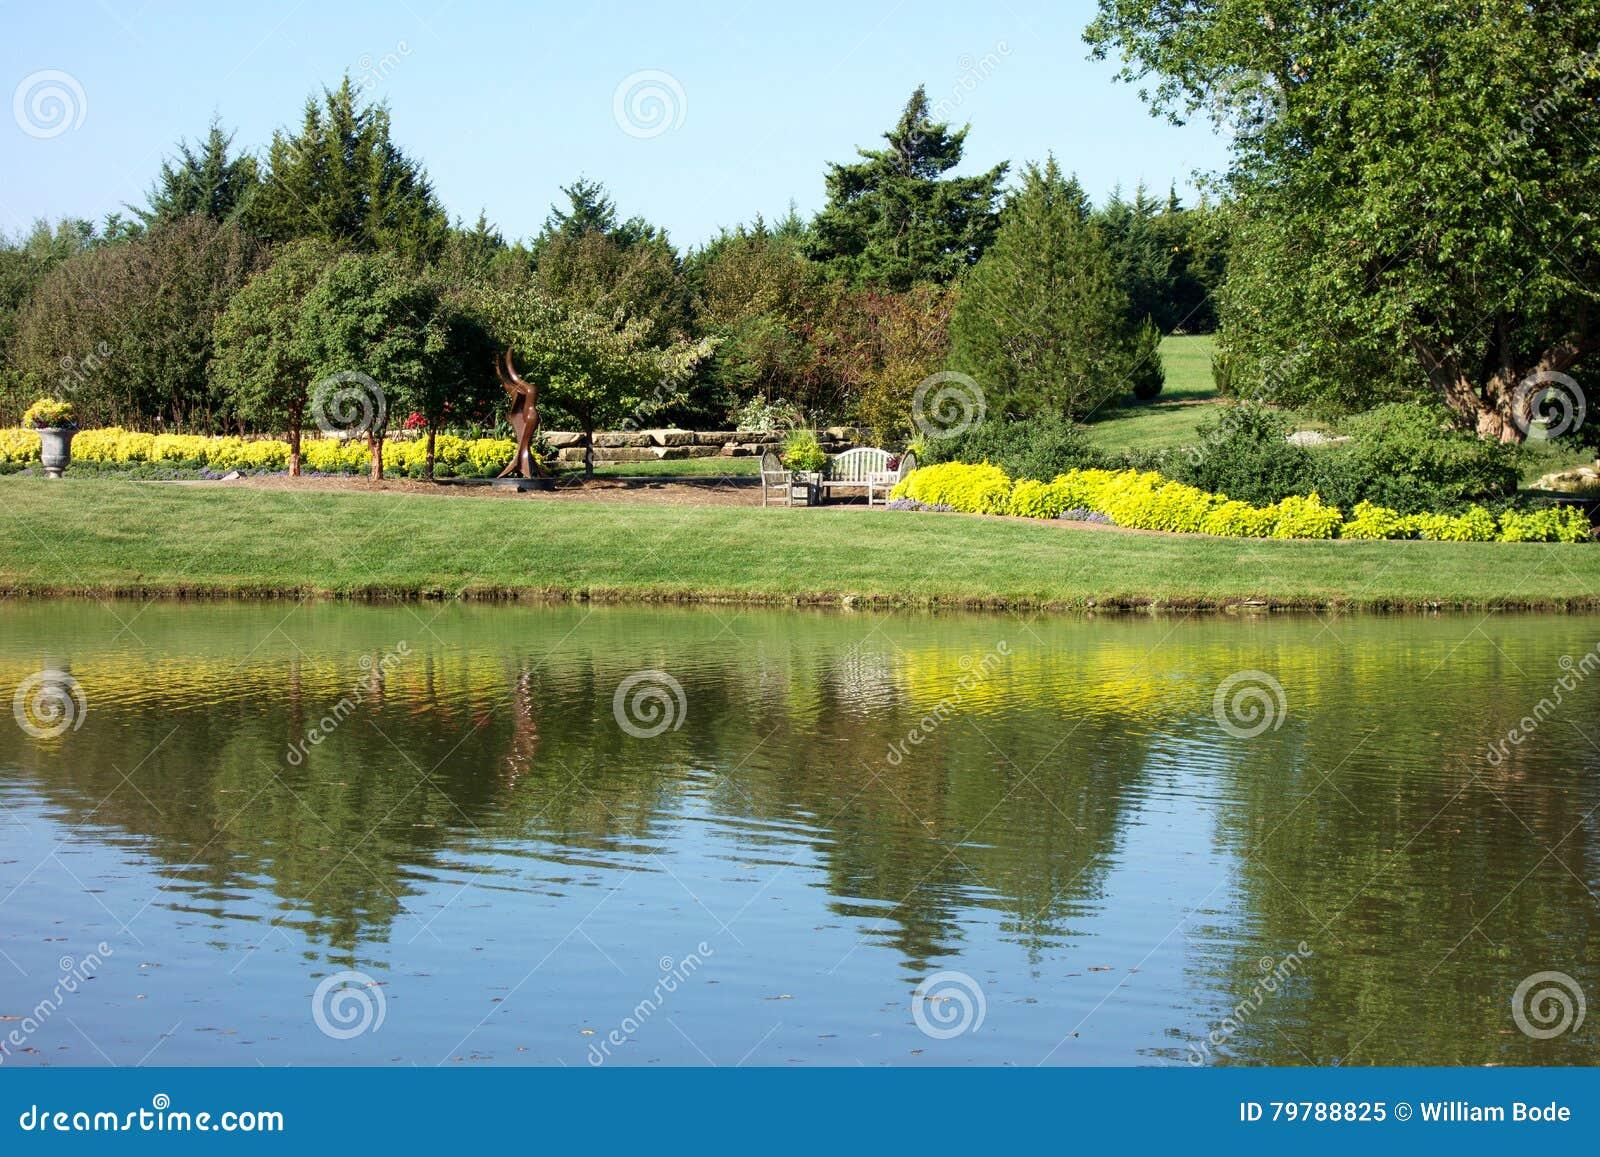 Назеиный дендропарк парка и ботанические сады